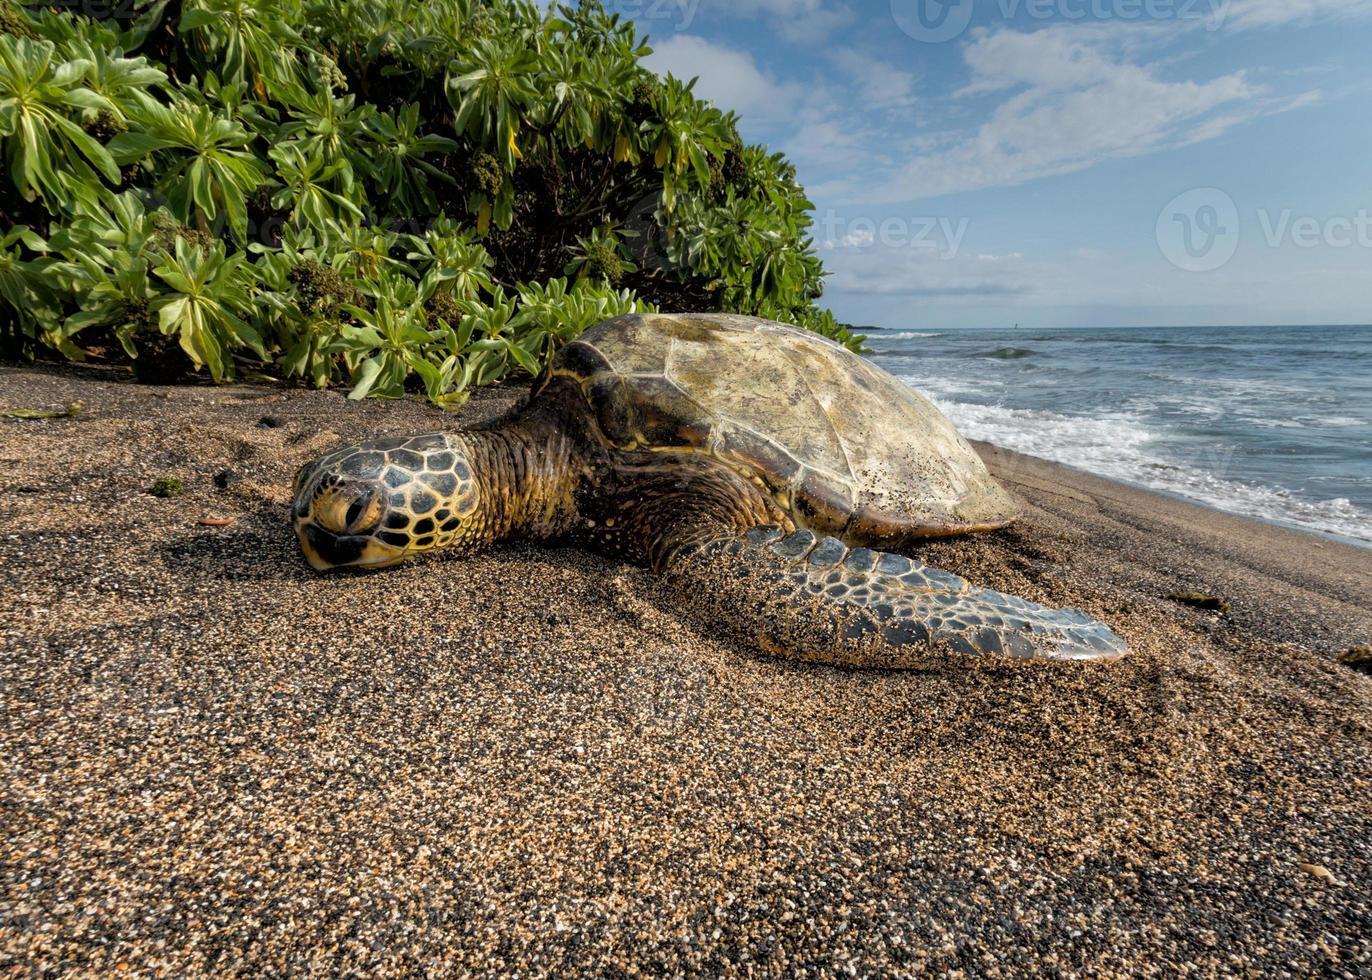 tartaruga verde na praia no Havaí foto